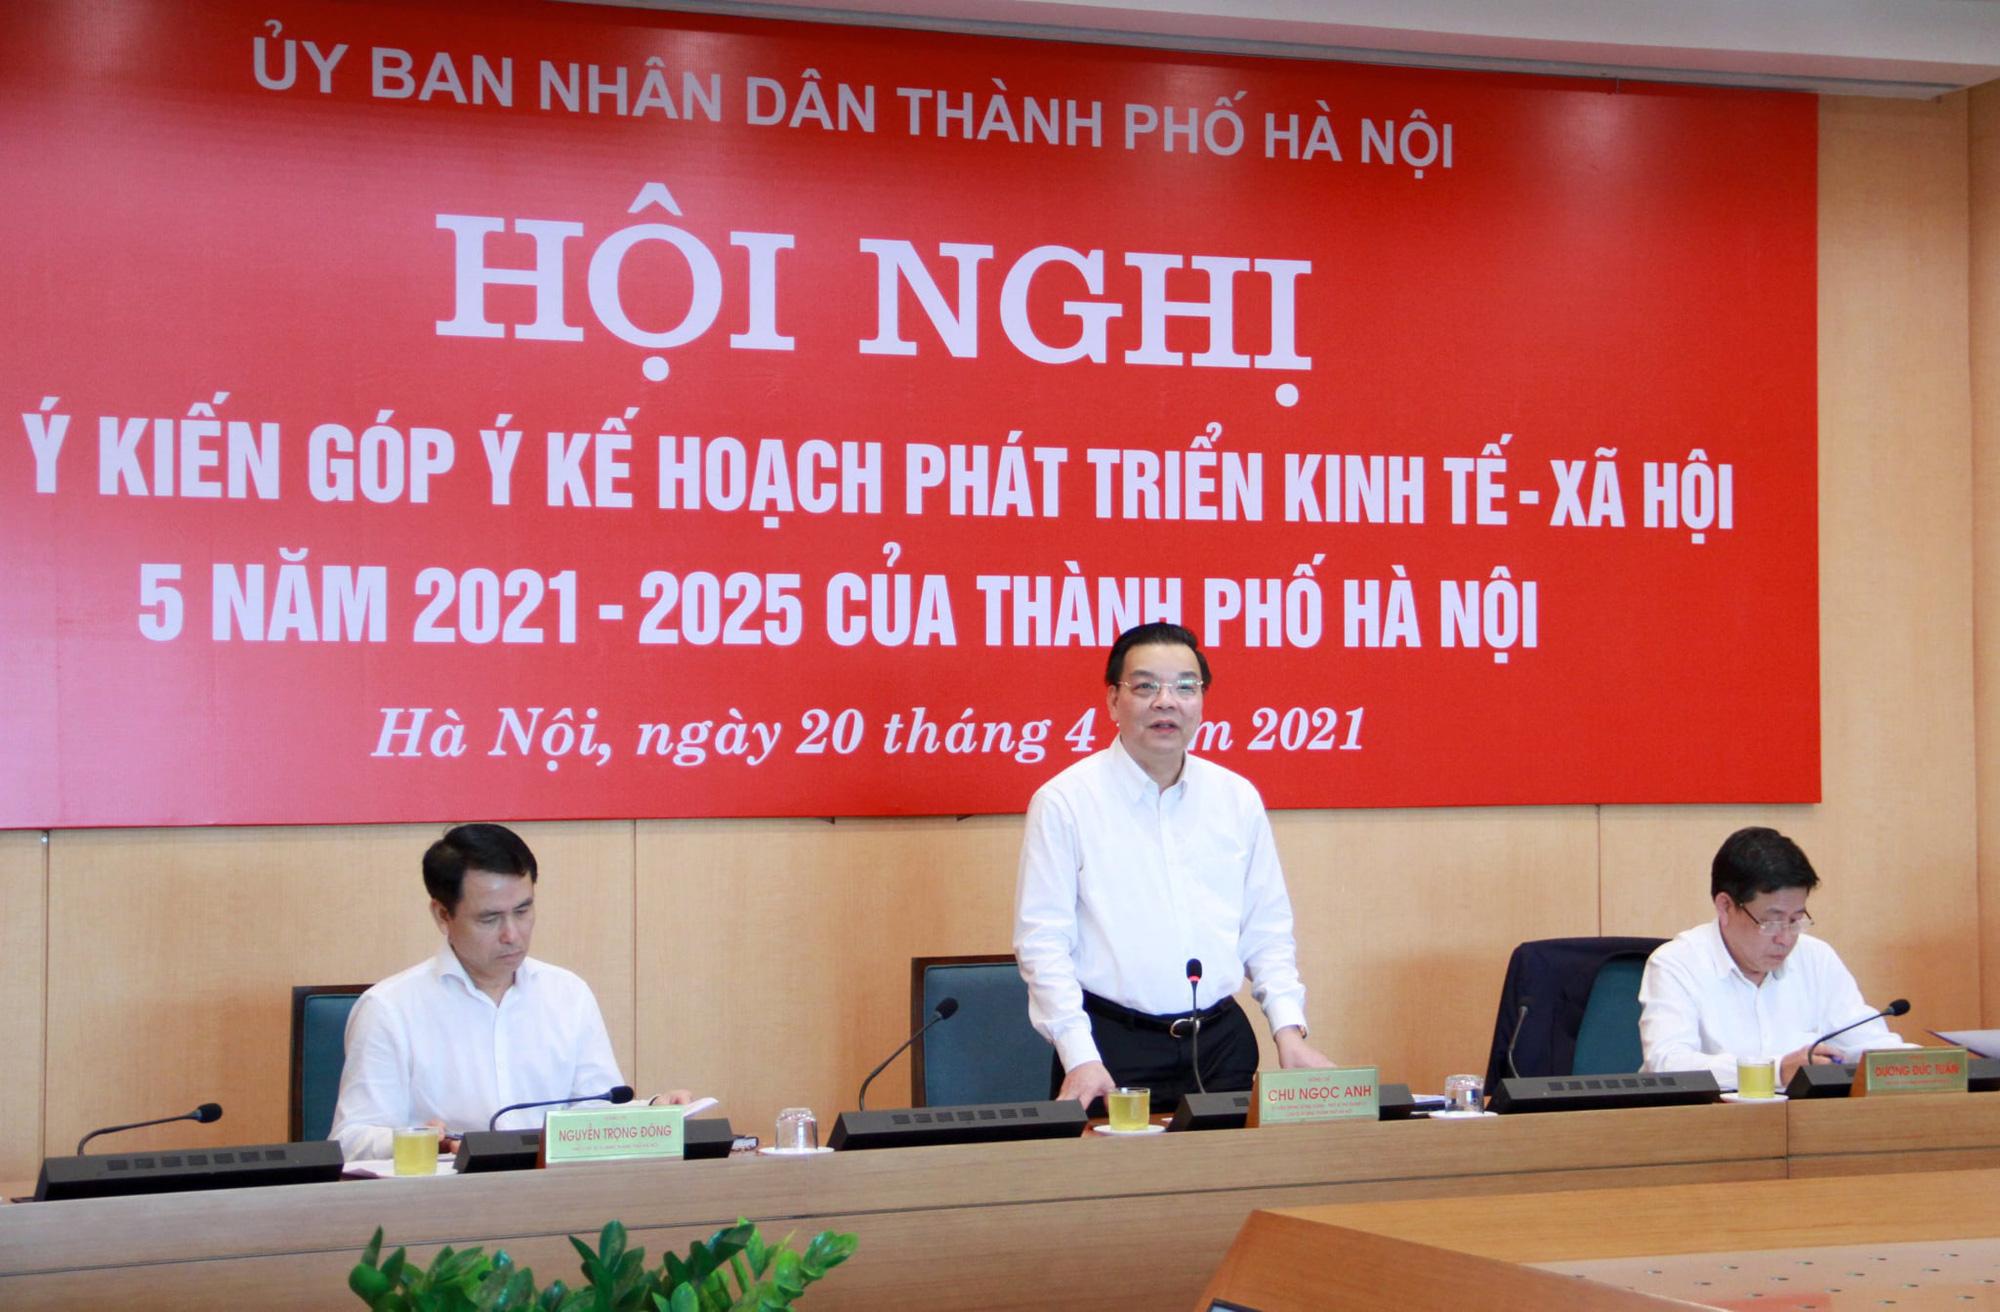 Trong 5 năm tới, Hà Nội sẽ phát triển như thế nào? - Ảnh 1.